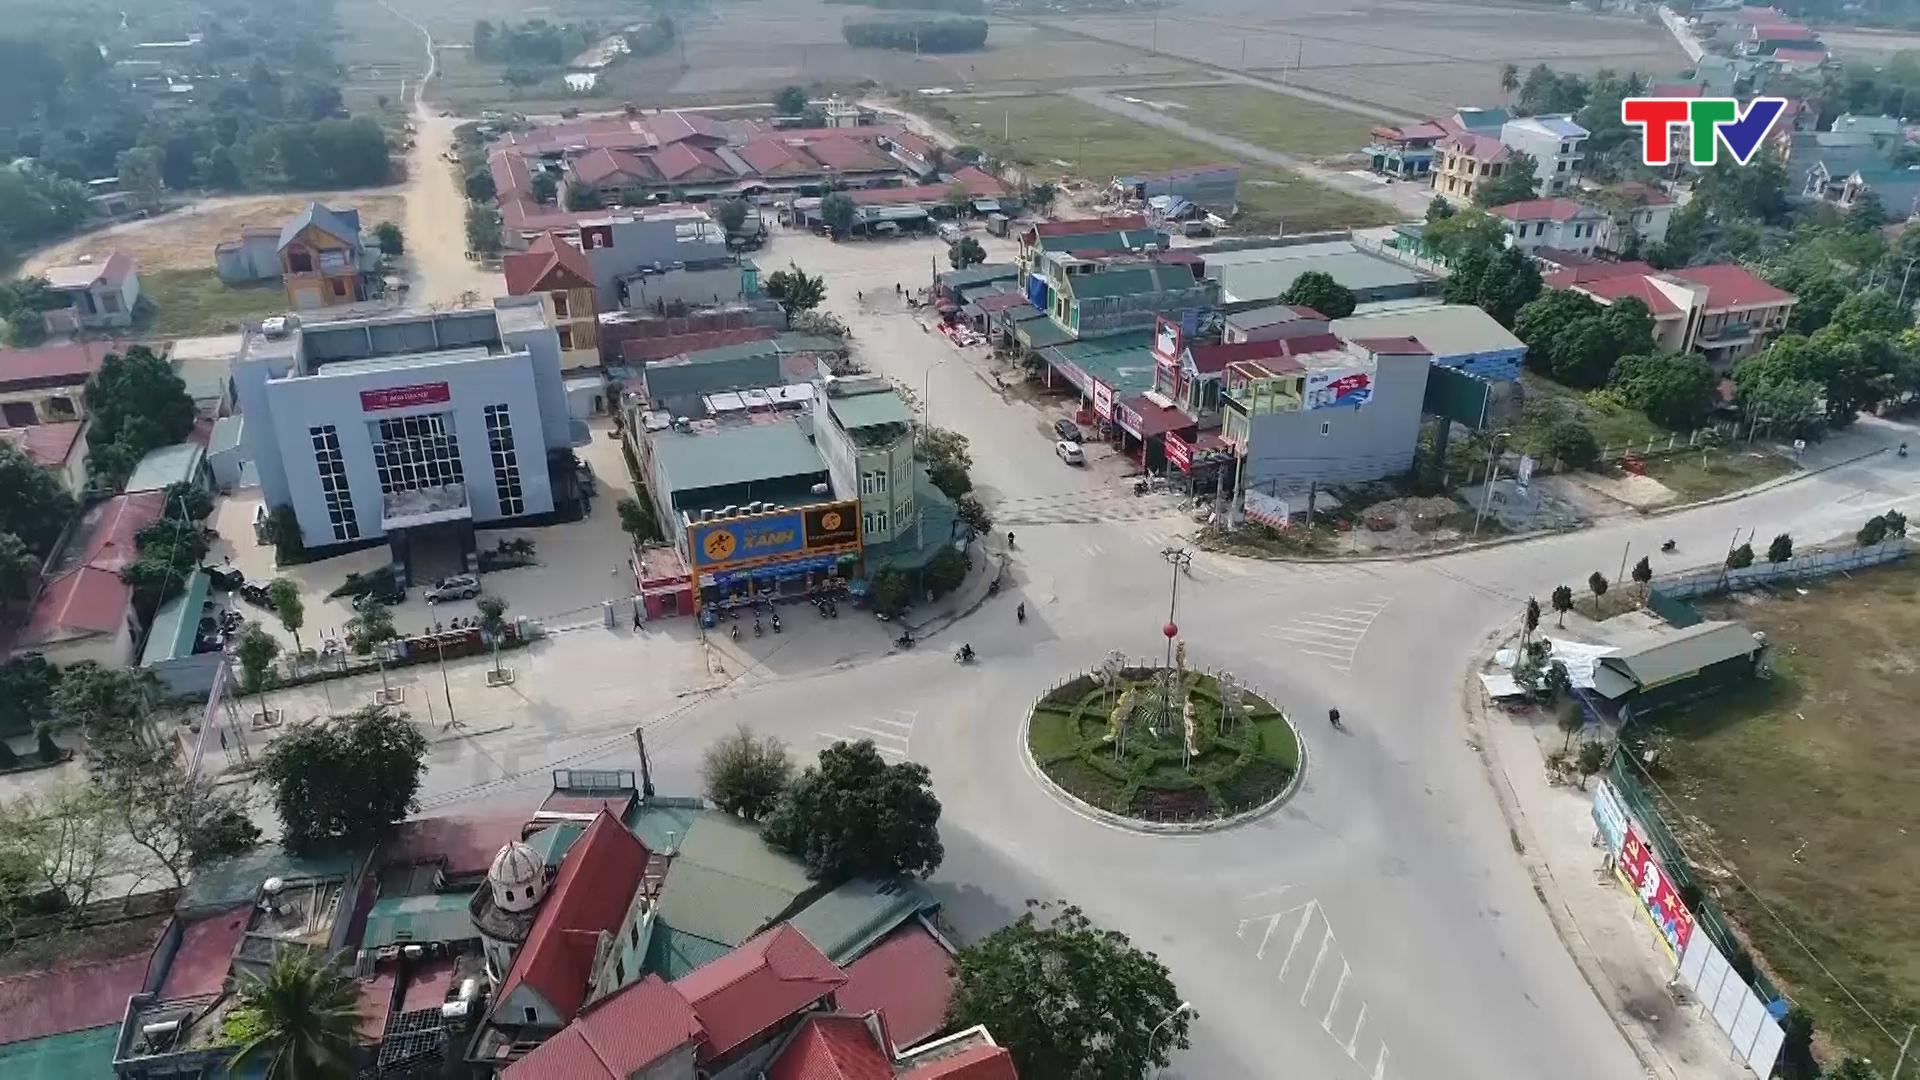 Thanh Hóa duyệt chủ trương đầu tư Khu đô thị mới Hải Vân có 438 căn nhà ở - Ảnh 1.